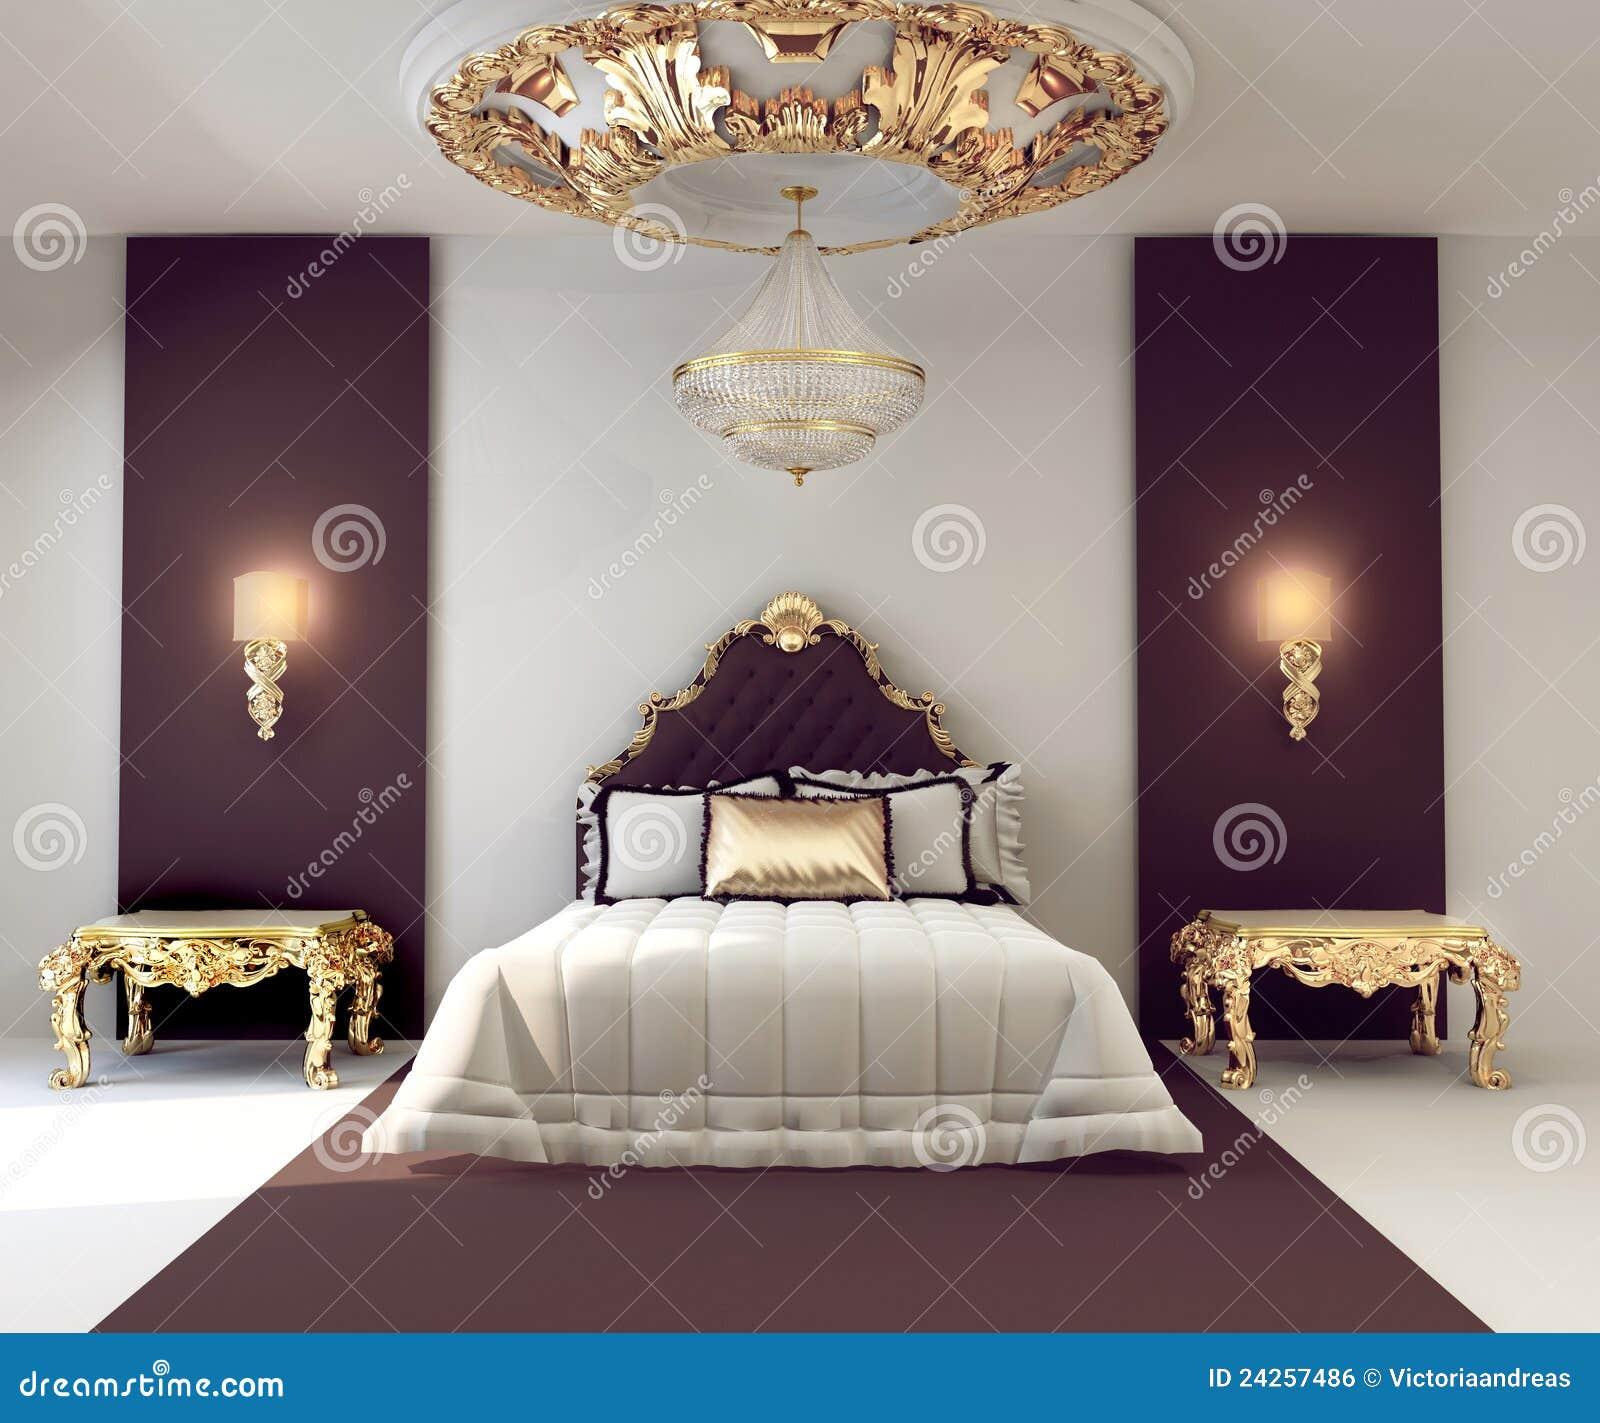 Dormitorio doble de lujo con muebles de oro imagen de for Muebles italianos de lujo